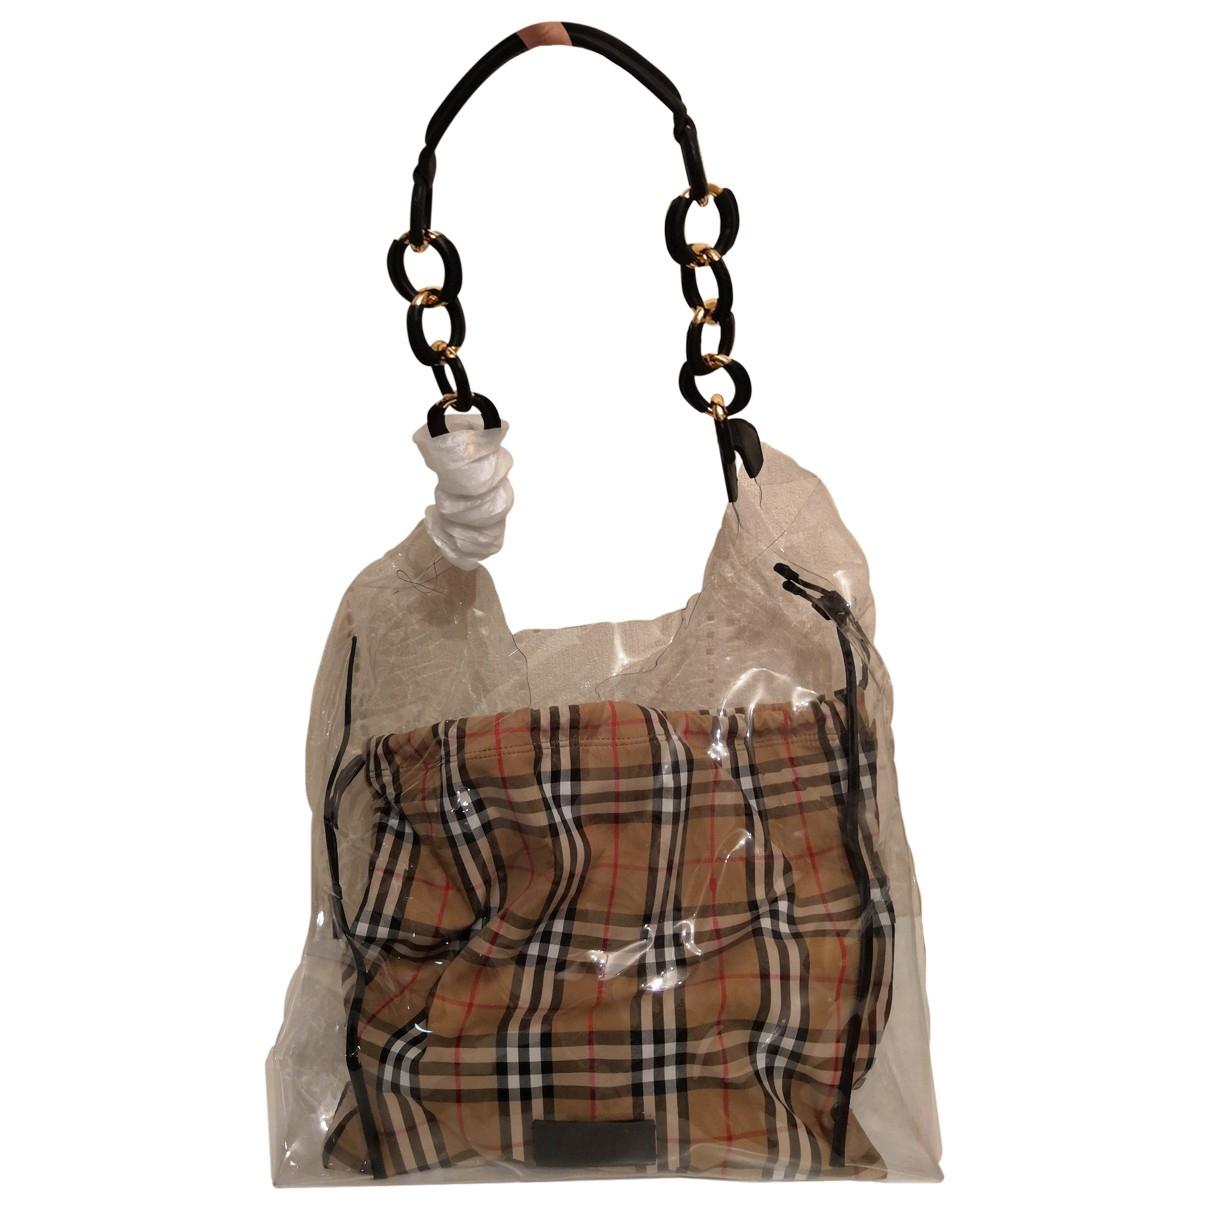 Burberry \N Handtasche in  Beige Kunststoff